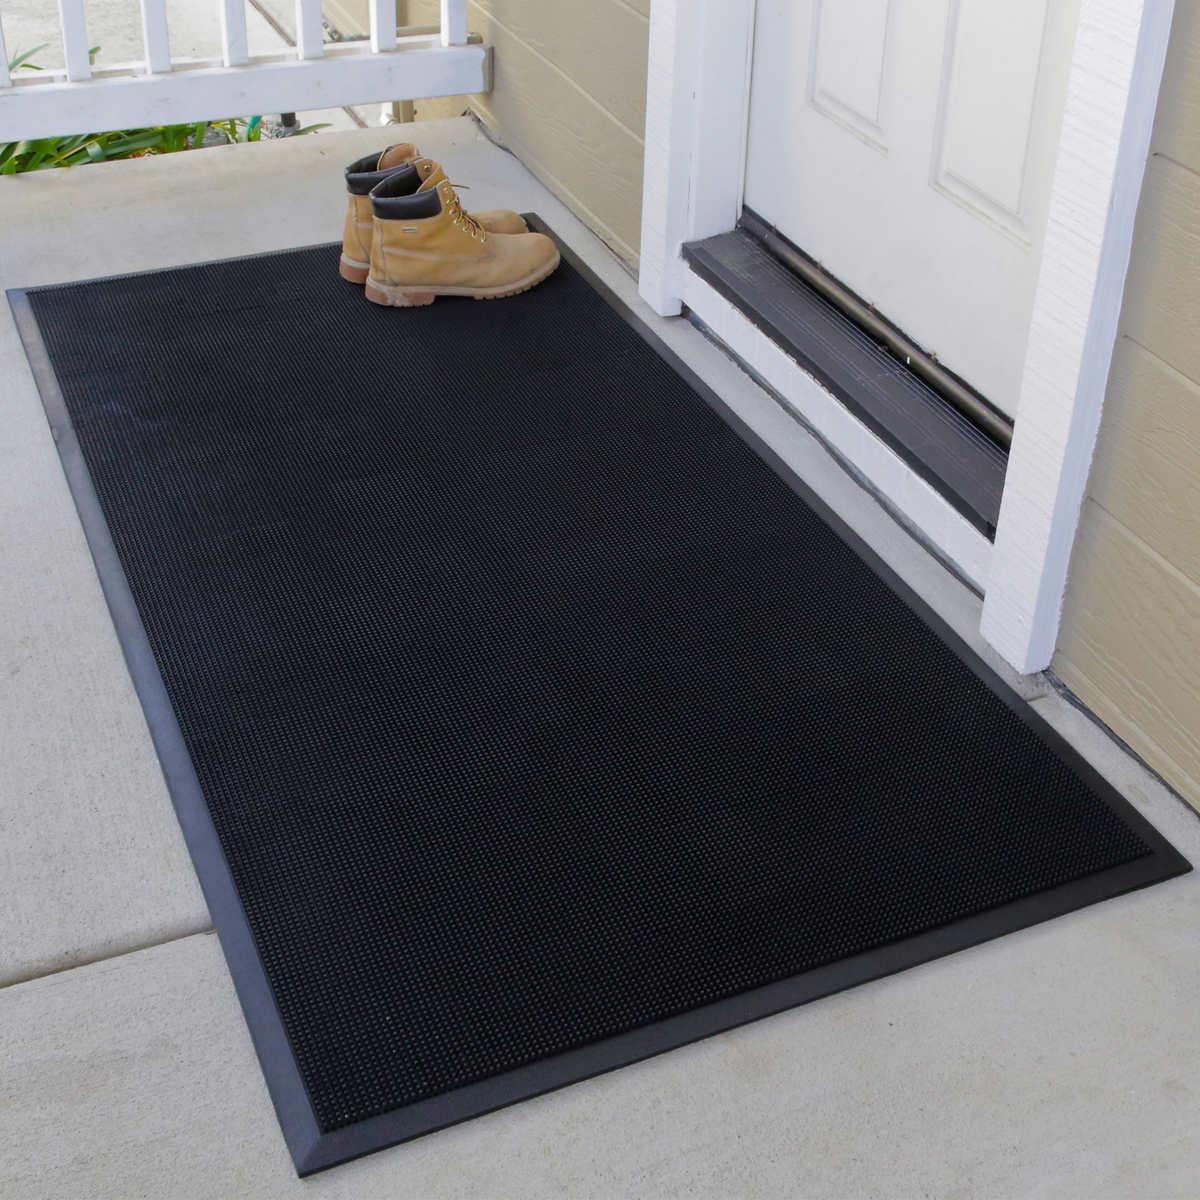 Black Floor Tile floor tile porcelain stoneware polished parquet look wood impressions black walnut Royal Entrance Mat 36